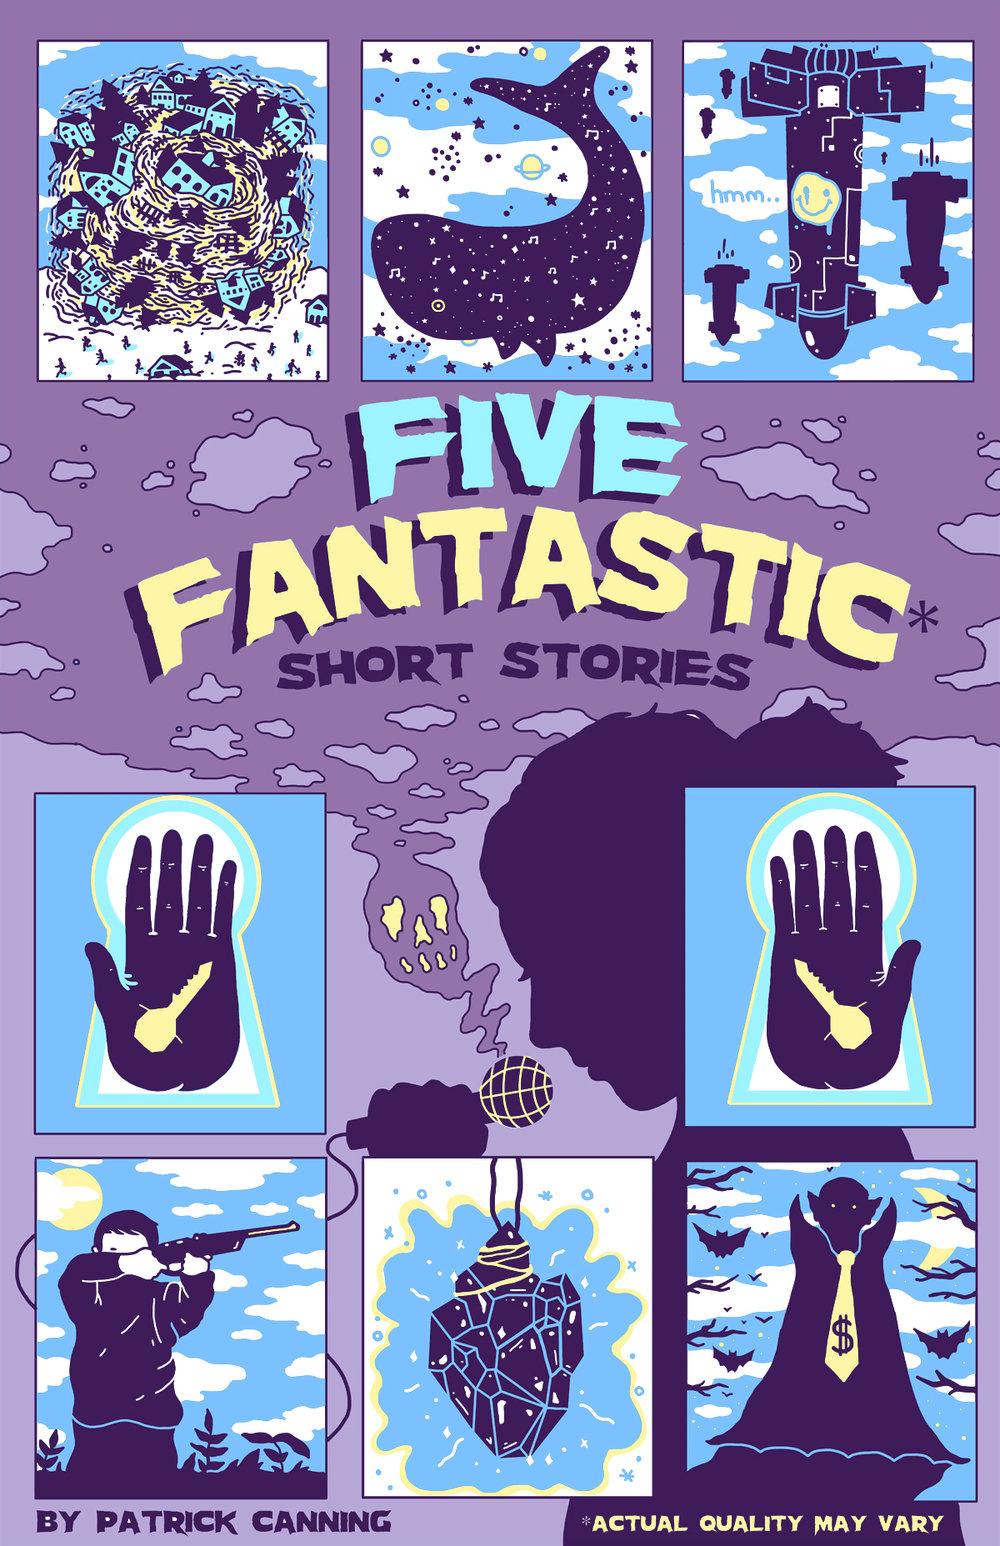 fivefantasticalillustration5.jpg